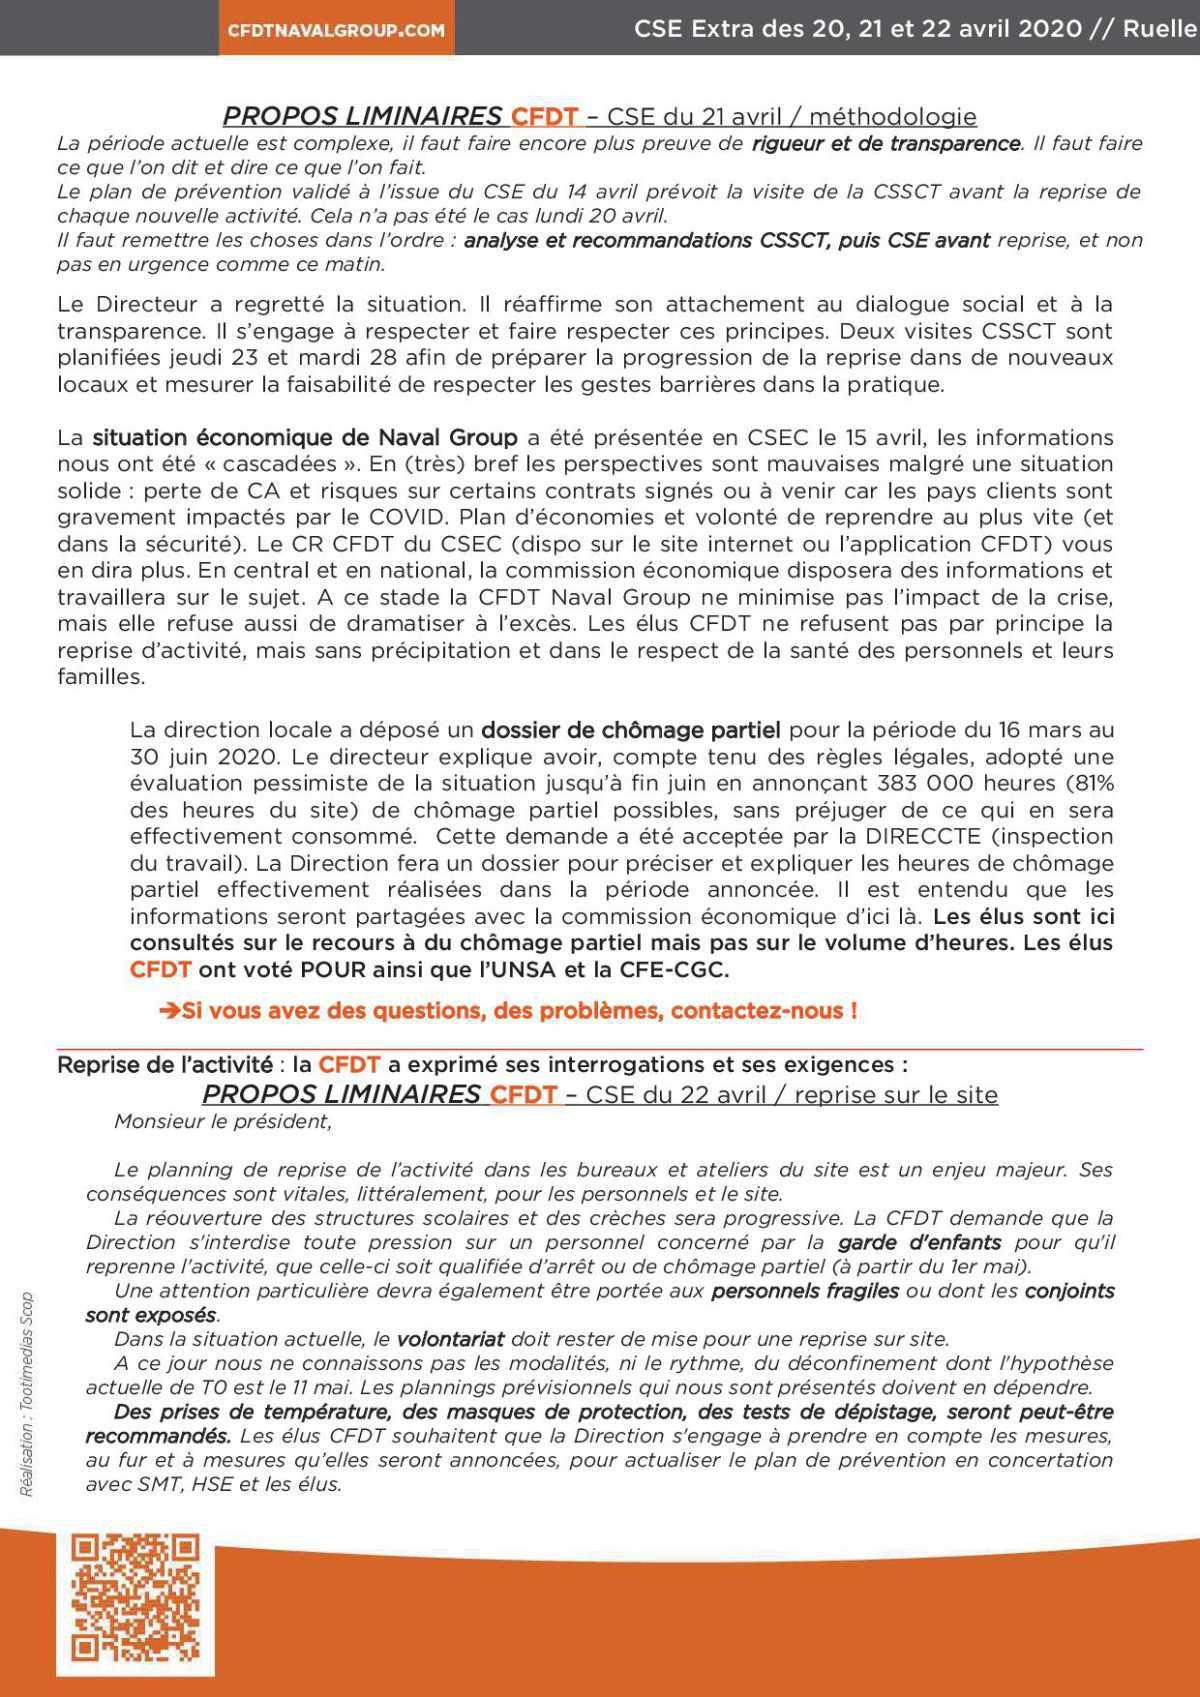 CR CSE extra de Ruelle des 20, 21 et 22 avril 2020